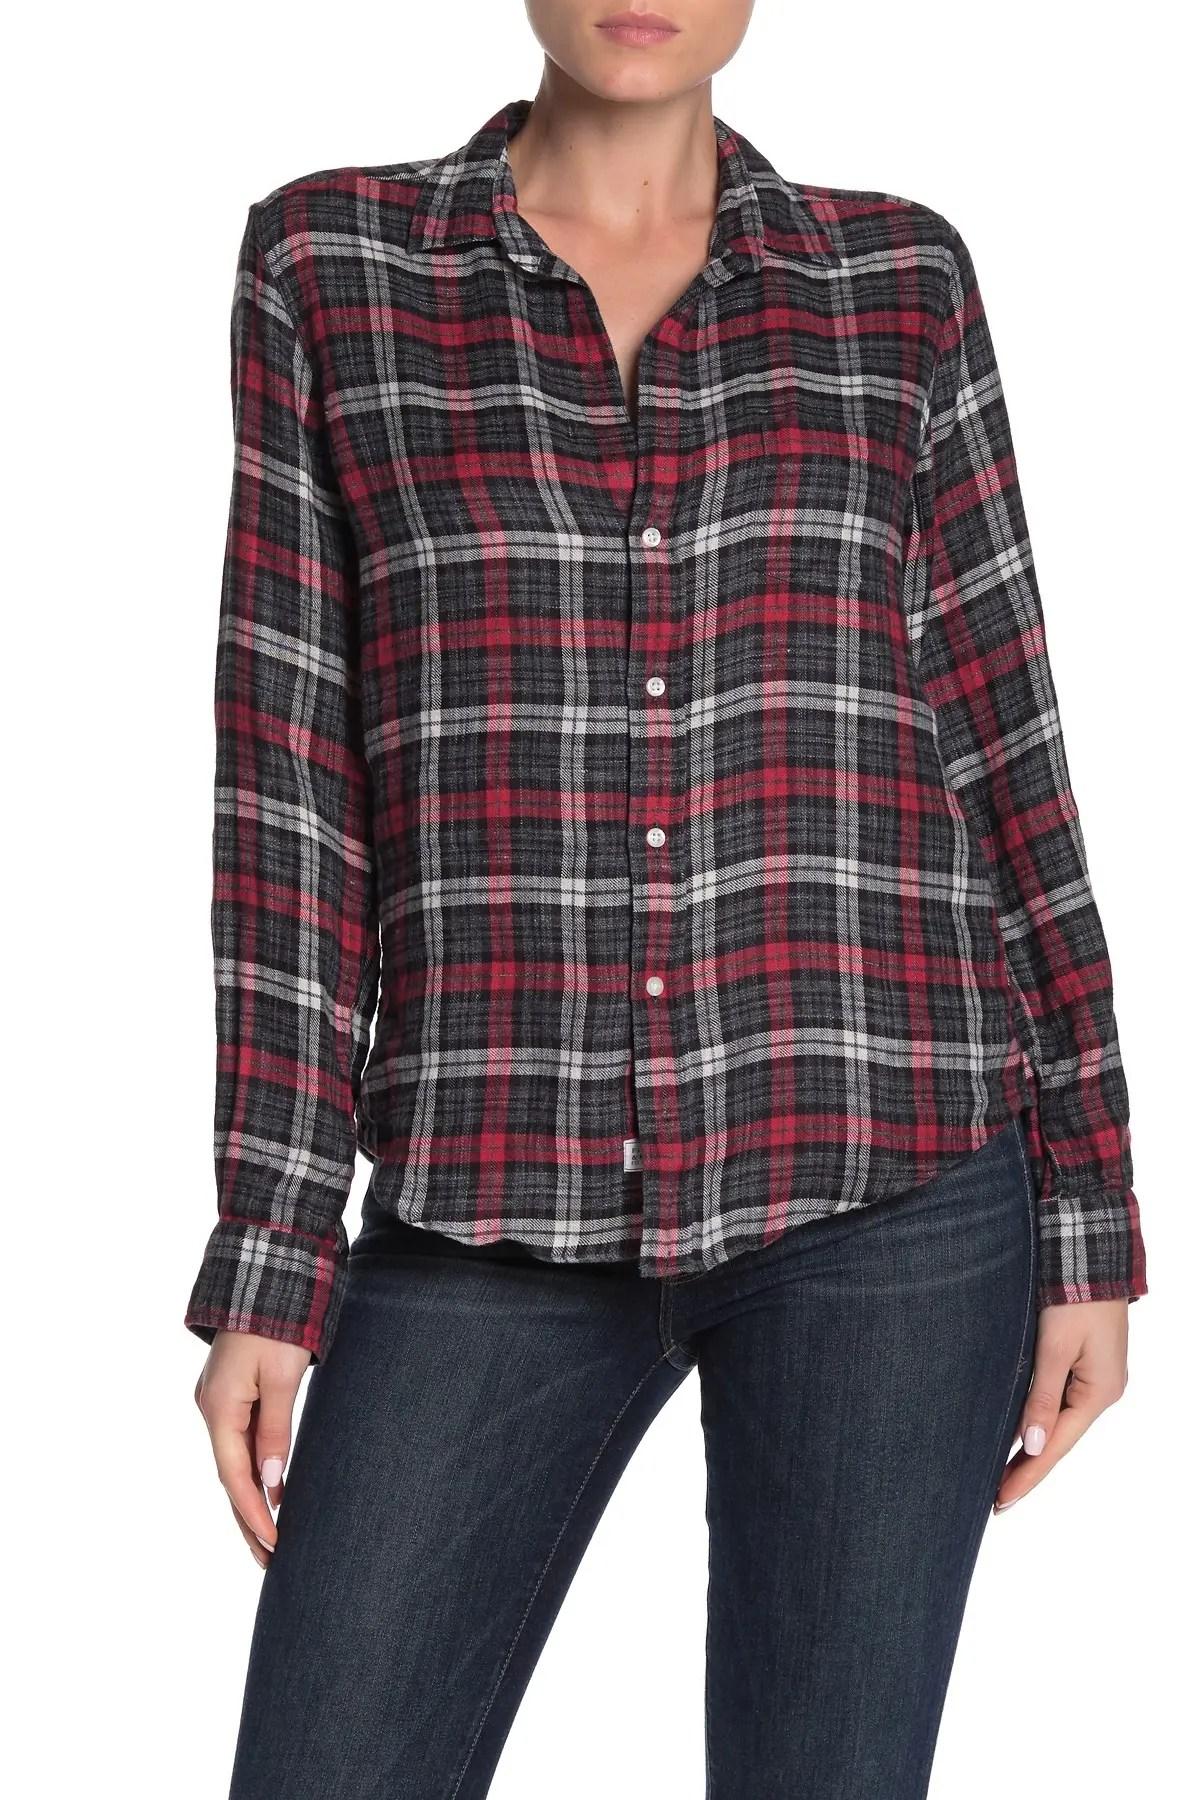 frank eileen barry long sleeve button front shirt nordstrom rack